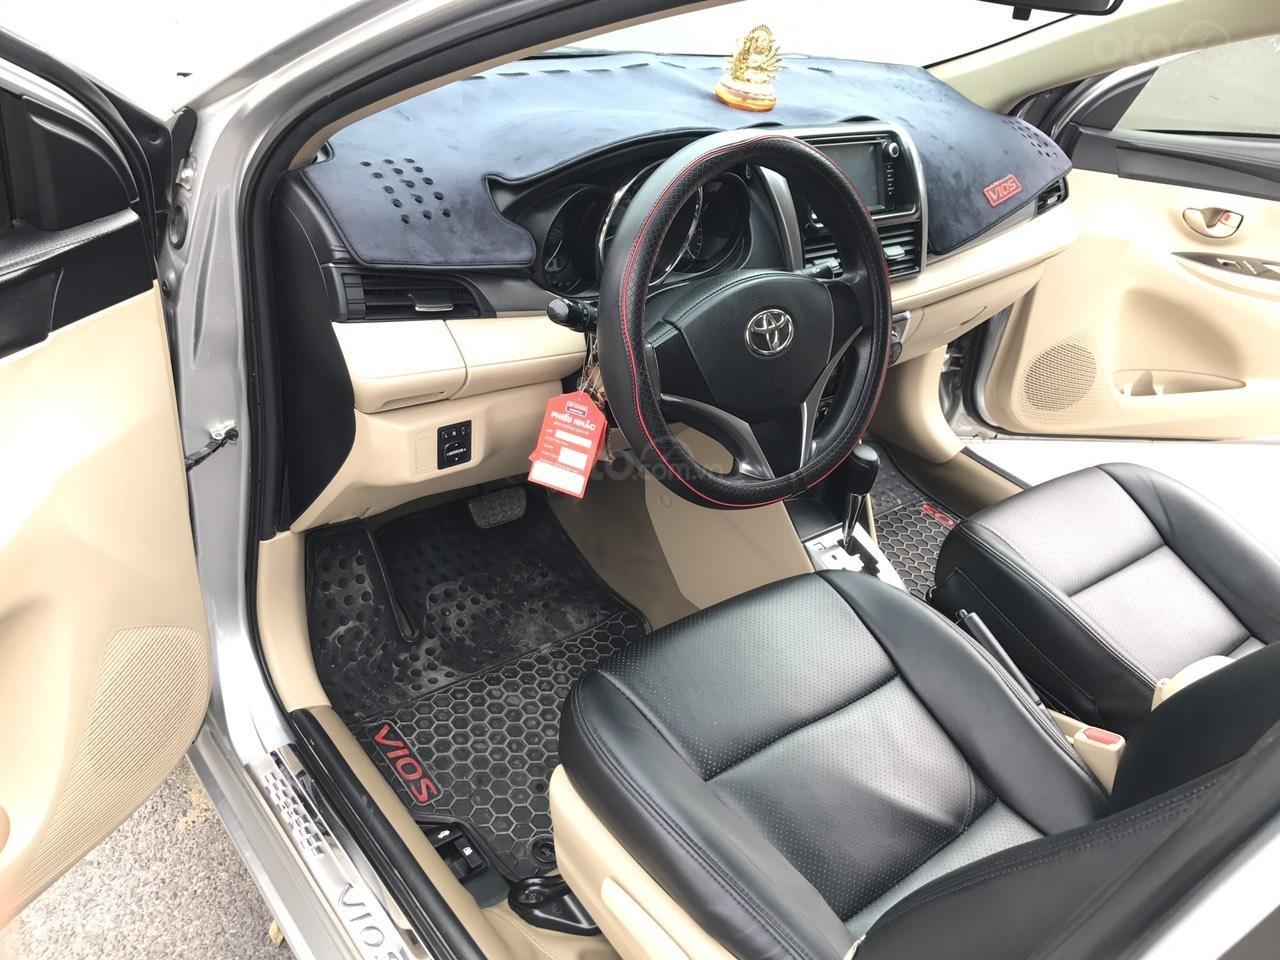 Bán xe Toyota Vios 1.5E CVT 2017, màu bạc, 1 chủ không lỗi nhỏ, xe mới cứng (4)